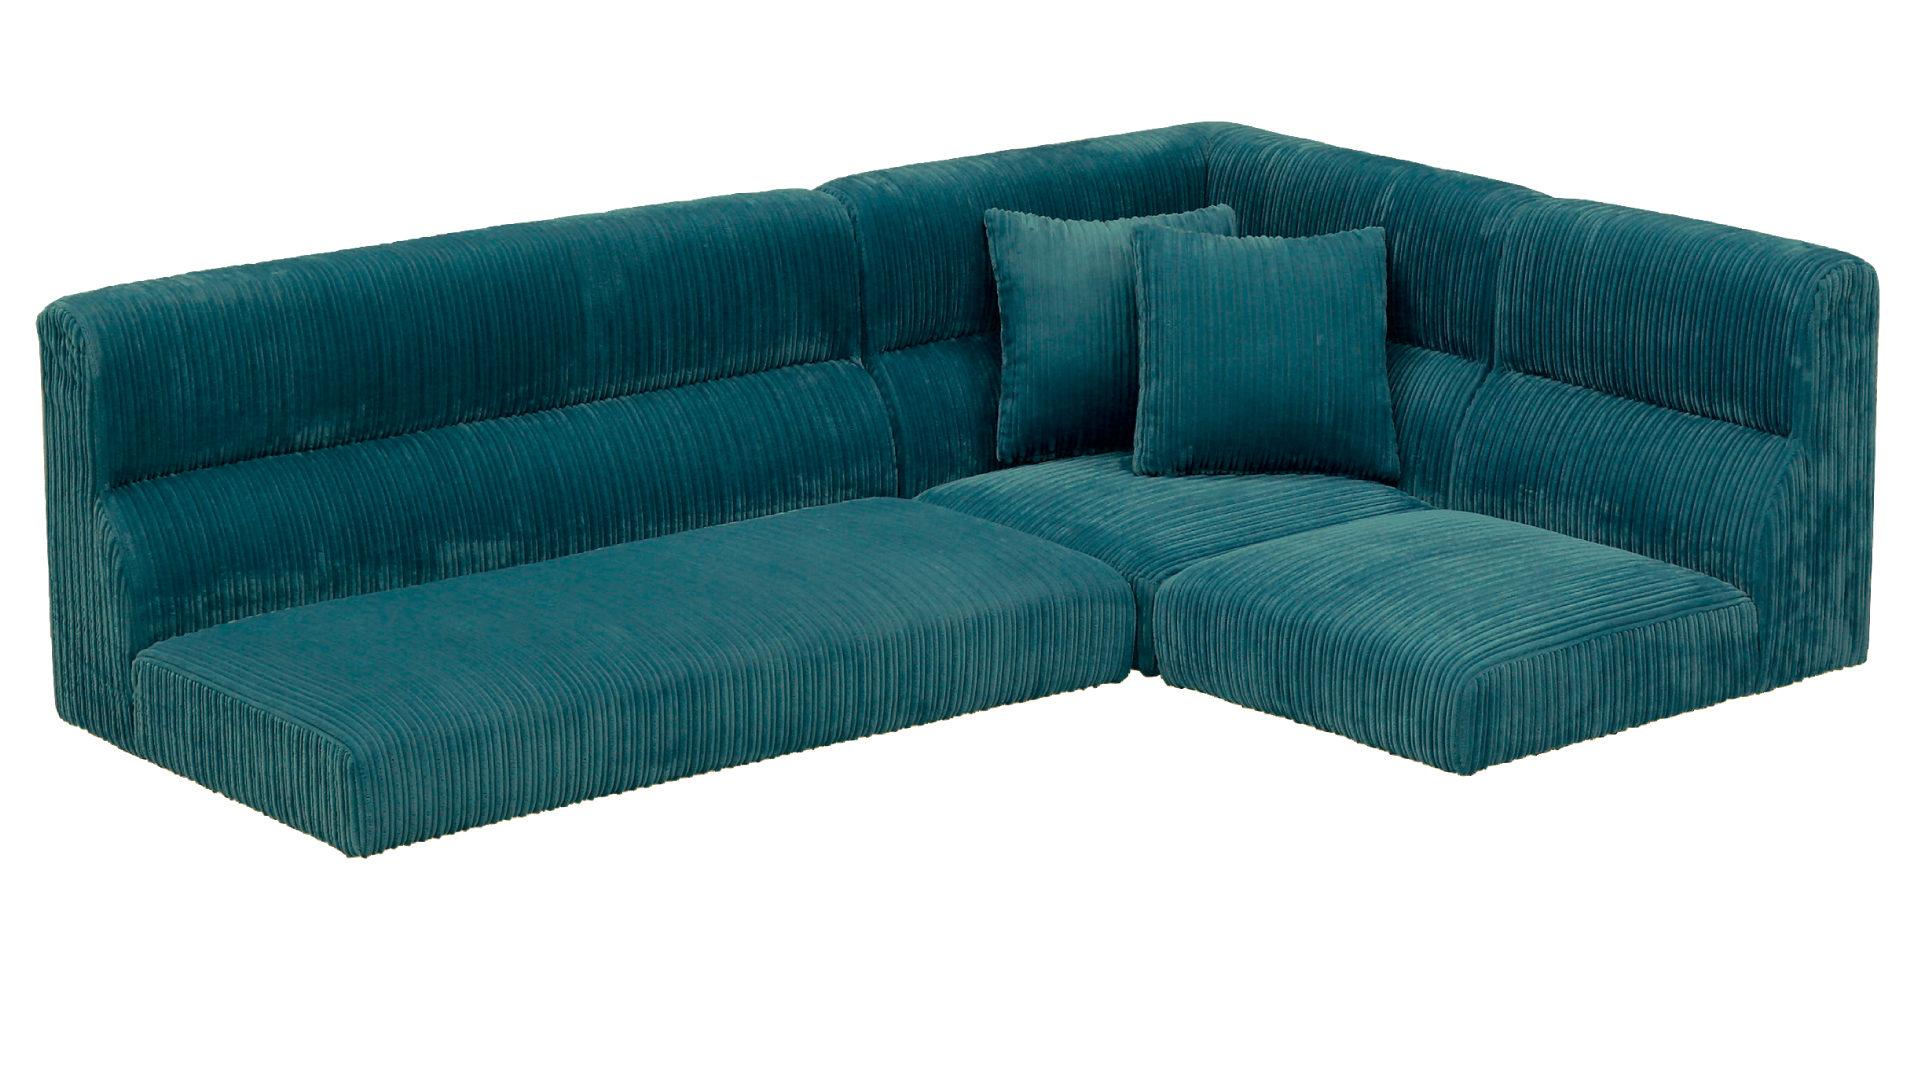 触り心地が気持ちいいコーデュロイ、足を取り外してロータイプにできるリビングダイニングソファ